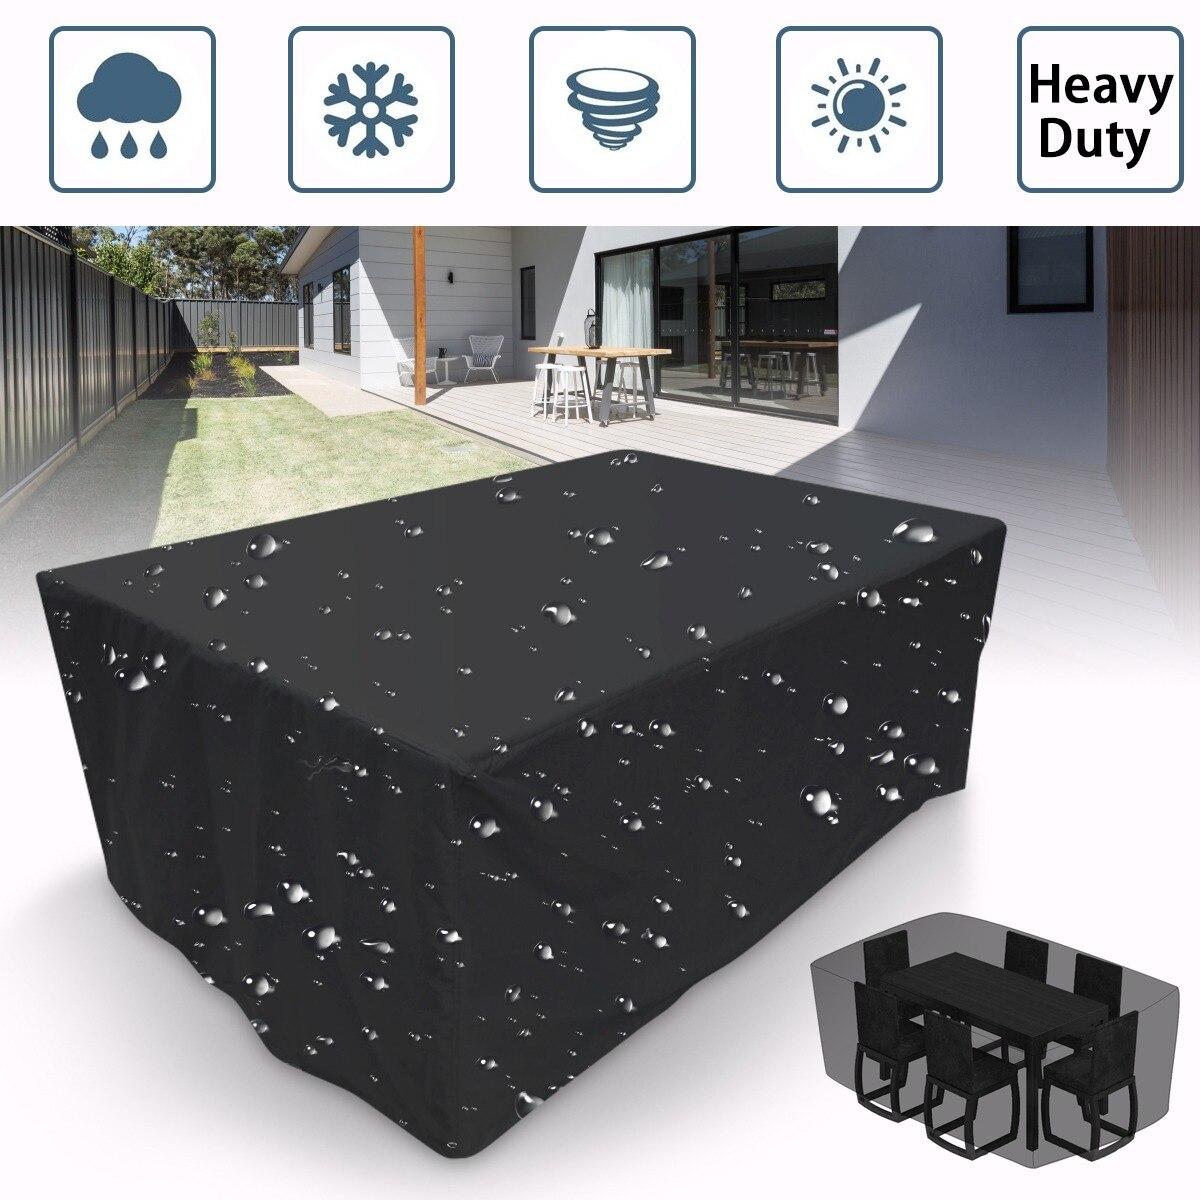 16 Größe Outdoor Abdeckung Wasserdichte Möbel Abdeckung Sofa Stuhl